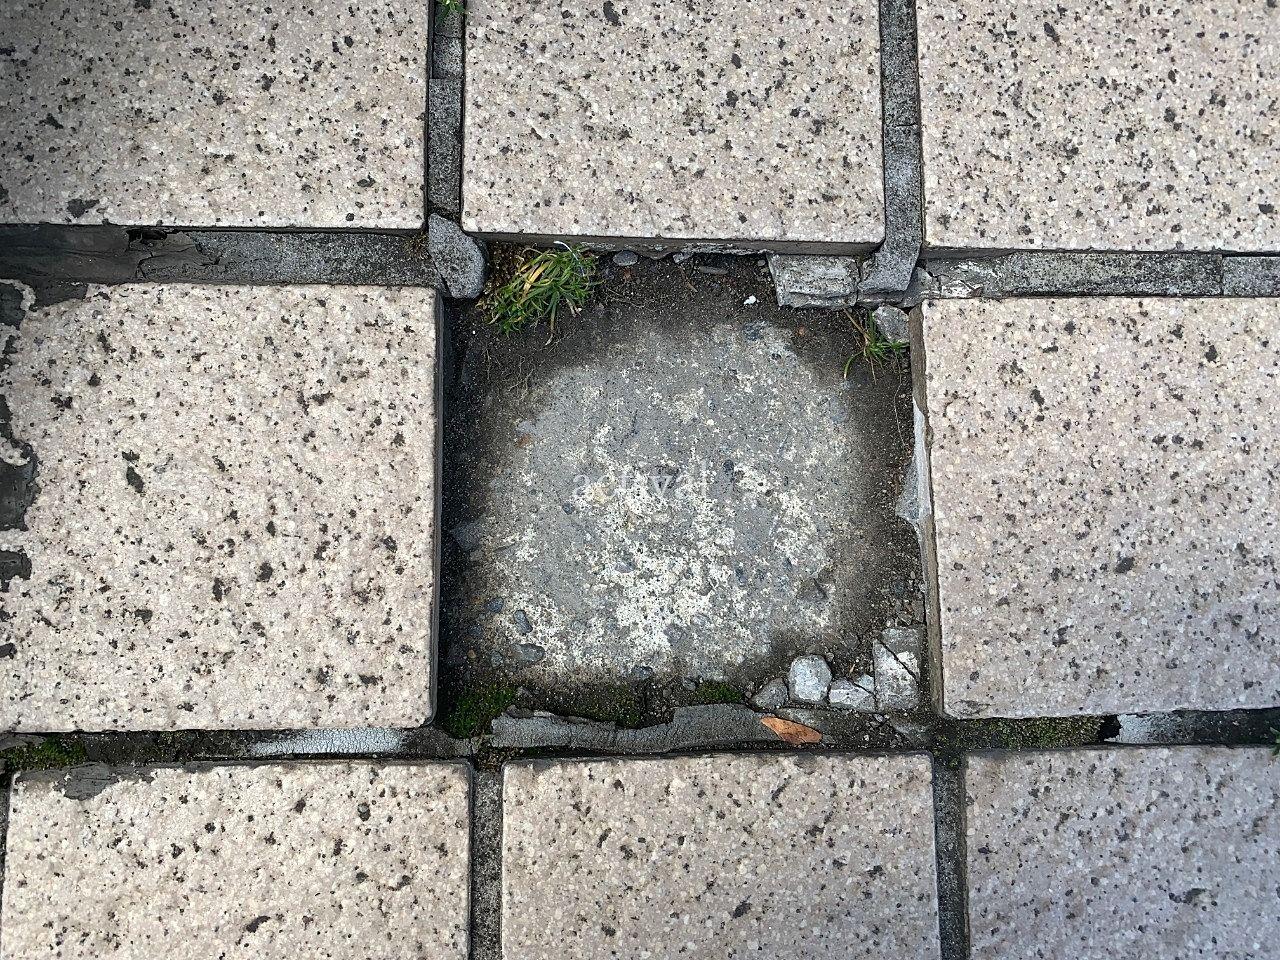 ア・ス・ヴェルデⅢ前の欠けてしまった歩道のタイルです。